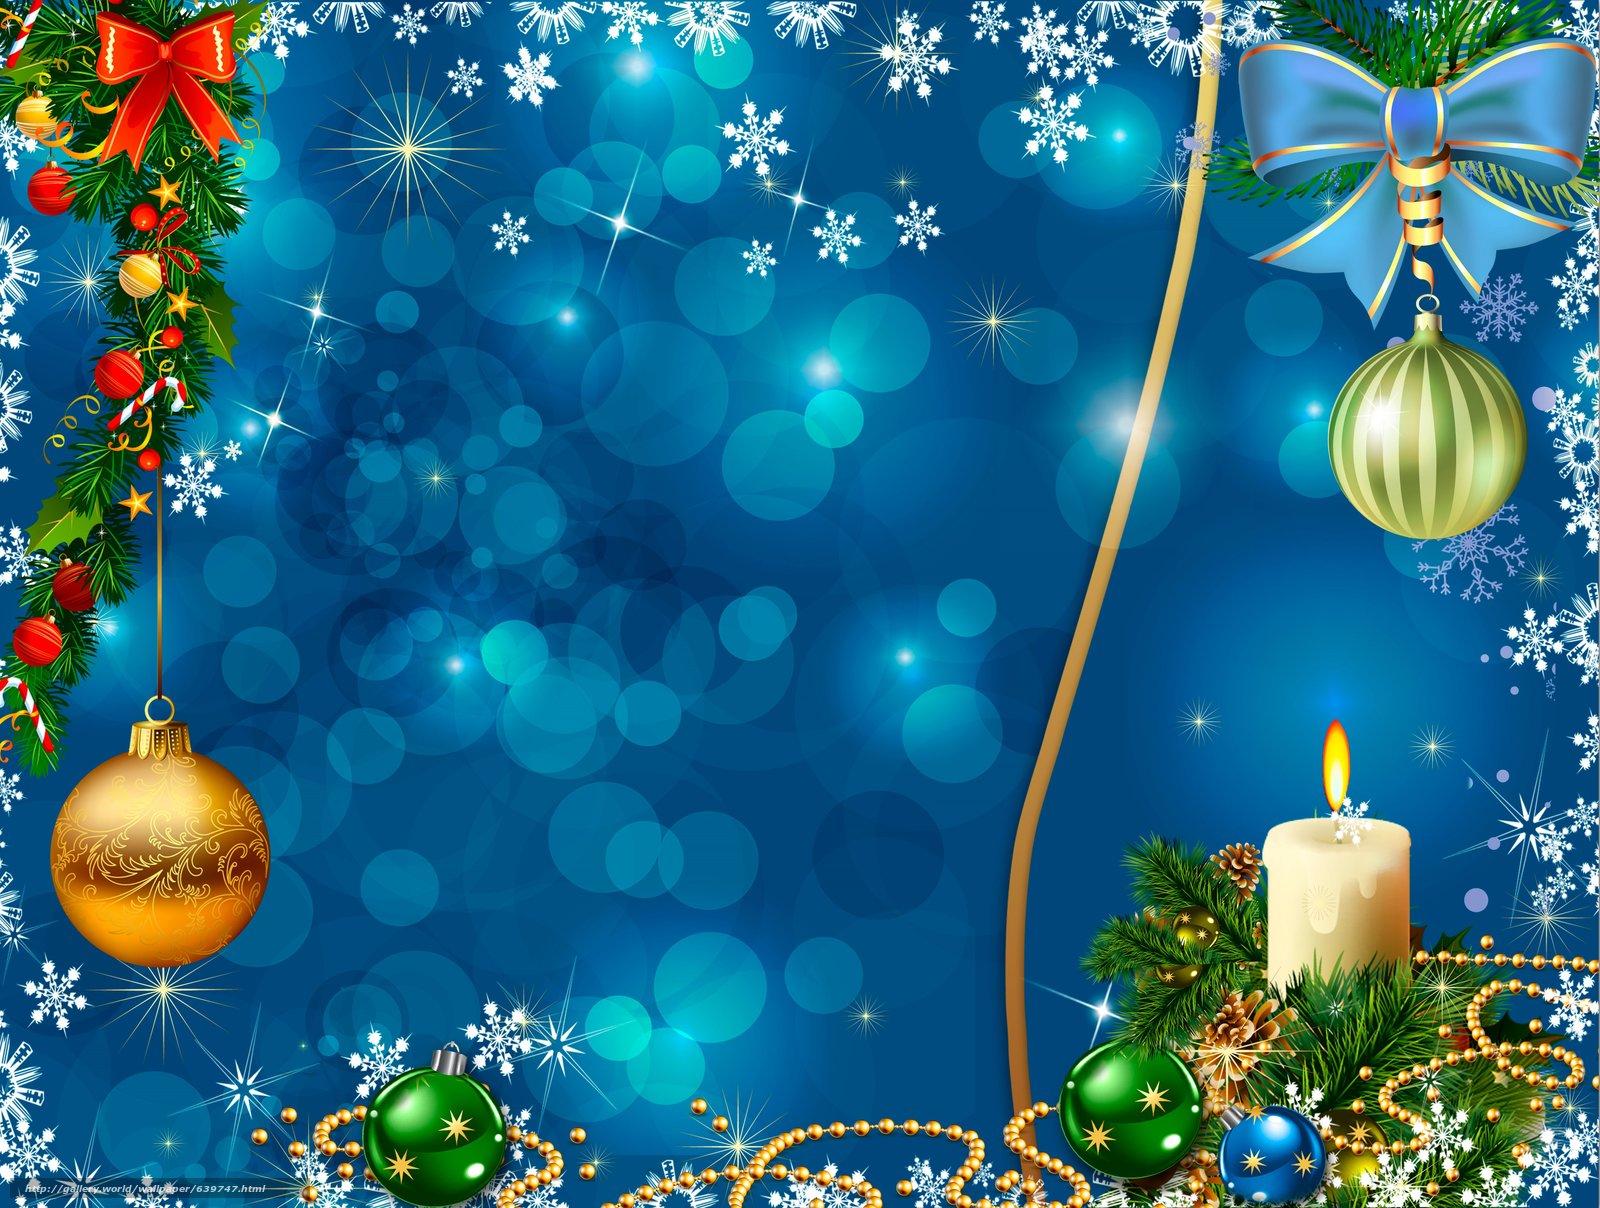 Фоны на Новый год для фотошопа